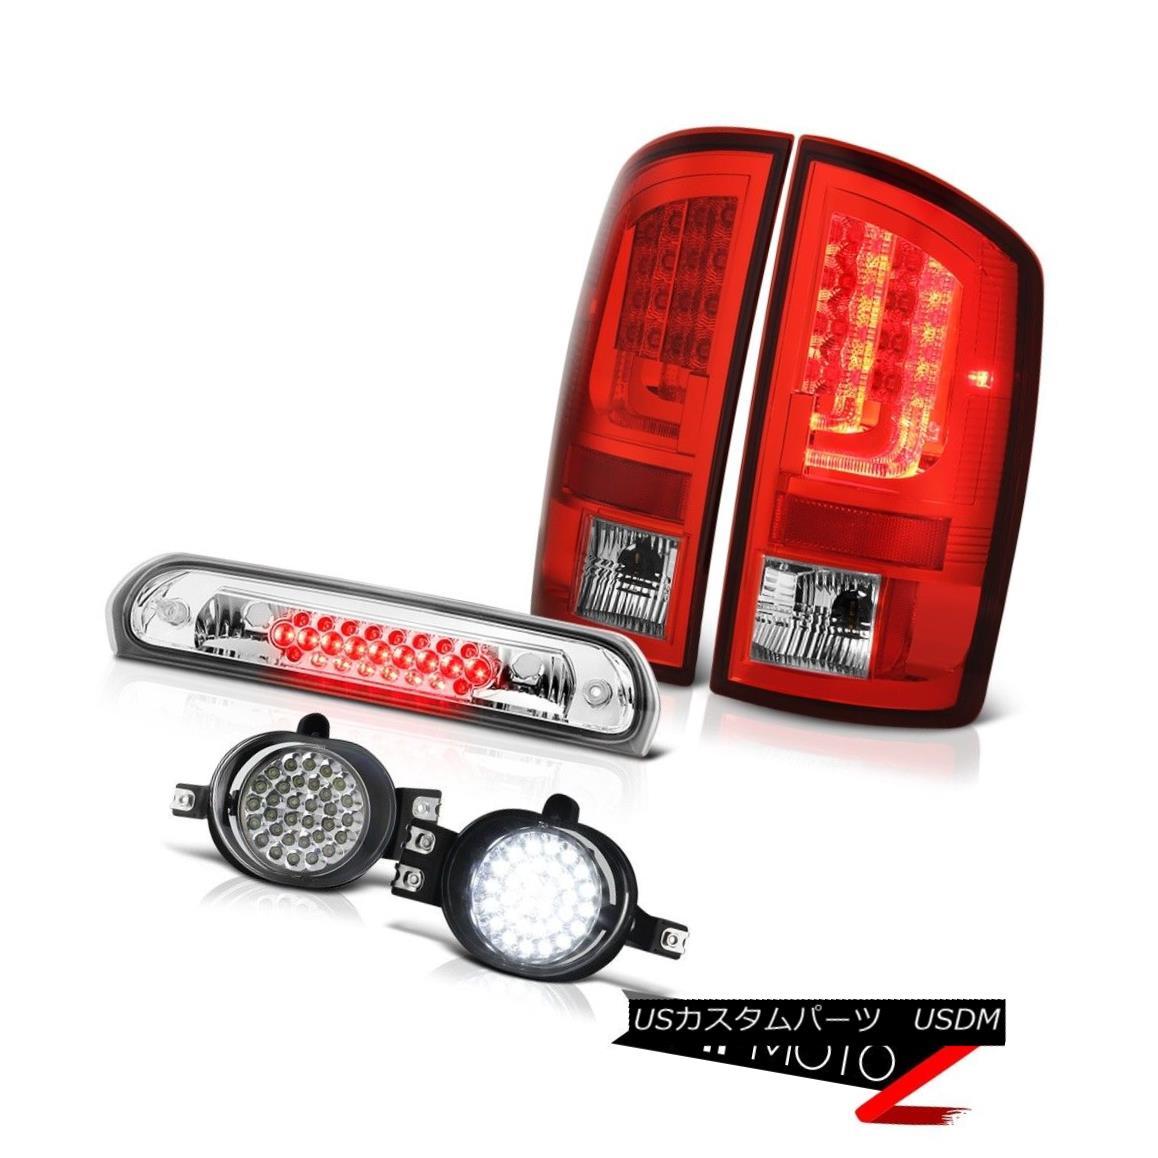 テールライト 2007-2008 Dodge Ram 1500 3.7L Red Tail Lamps Fog Roof Brake Light OLED Neon Tube 2007-2008ダッジラム1500 3.7LレッドテールランプフォグルーフブレーキライトOLEDネオンチューブ